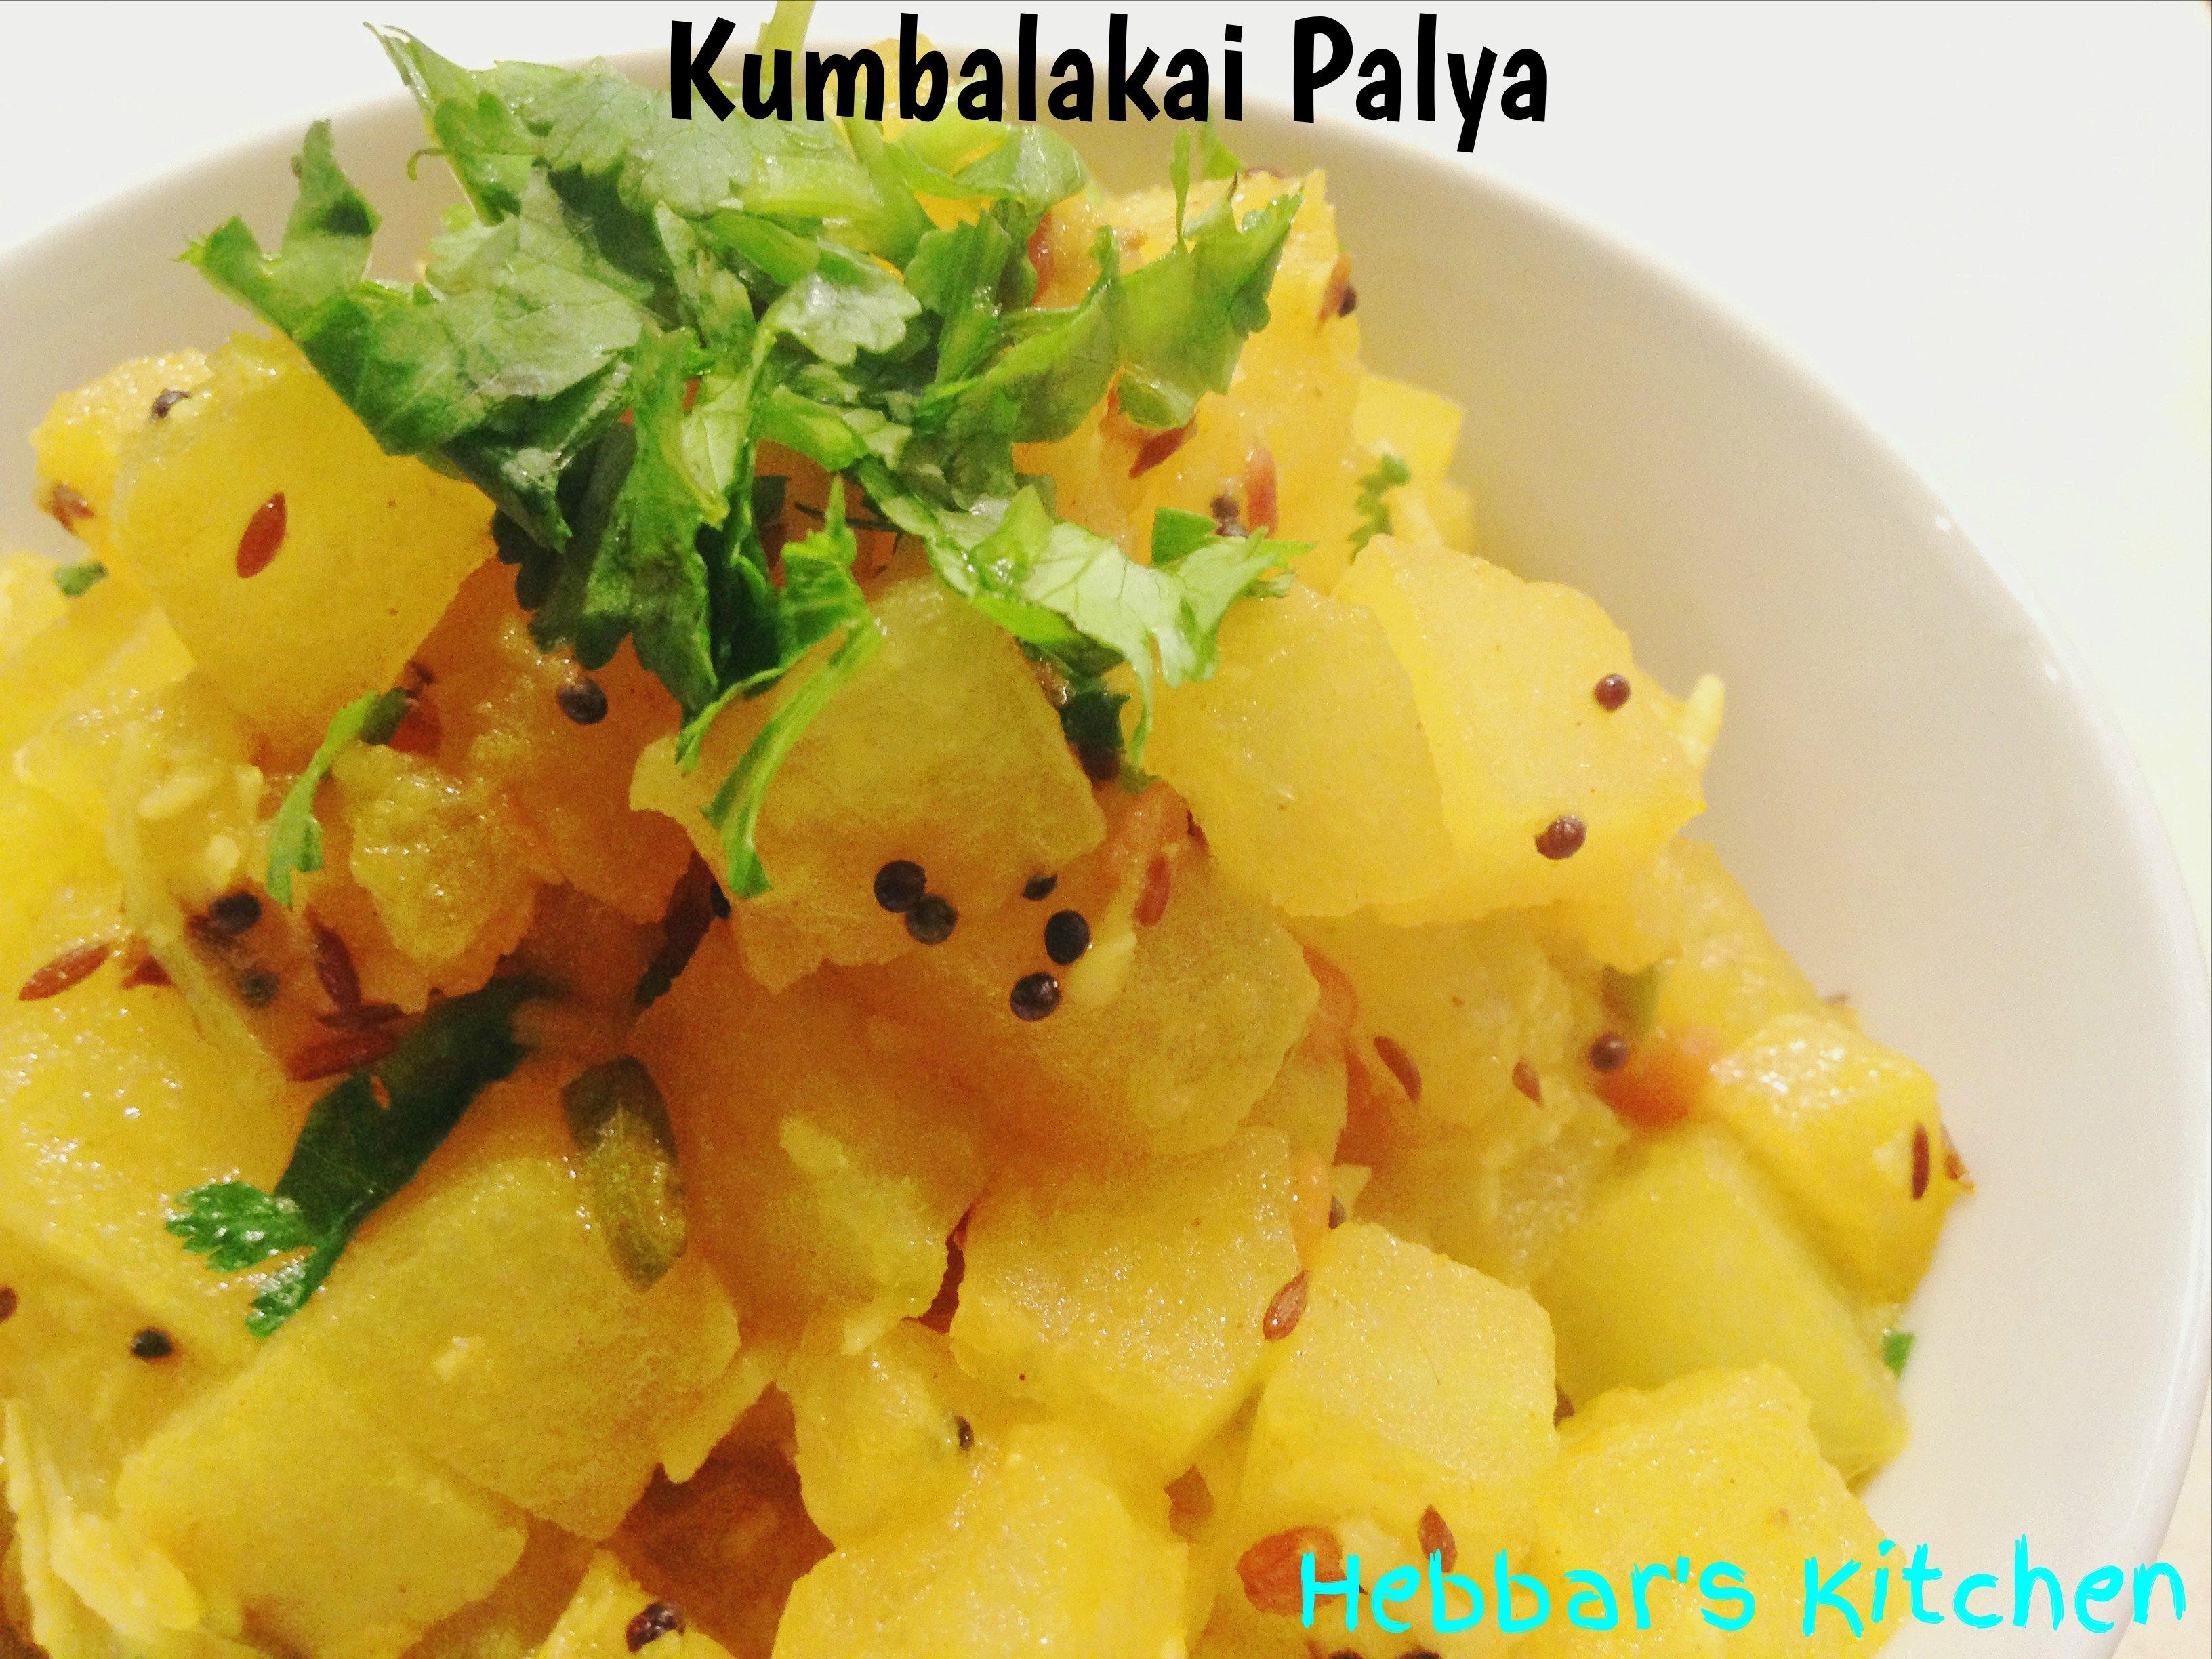 Beetroot Palya Hebbar S Kitchen